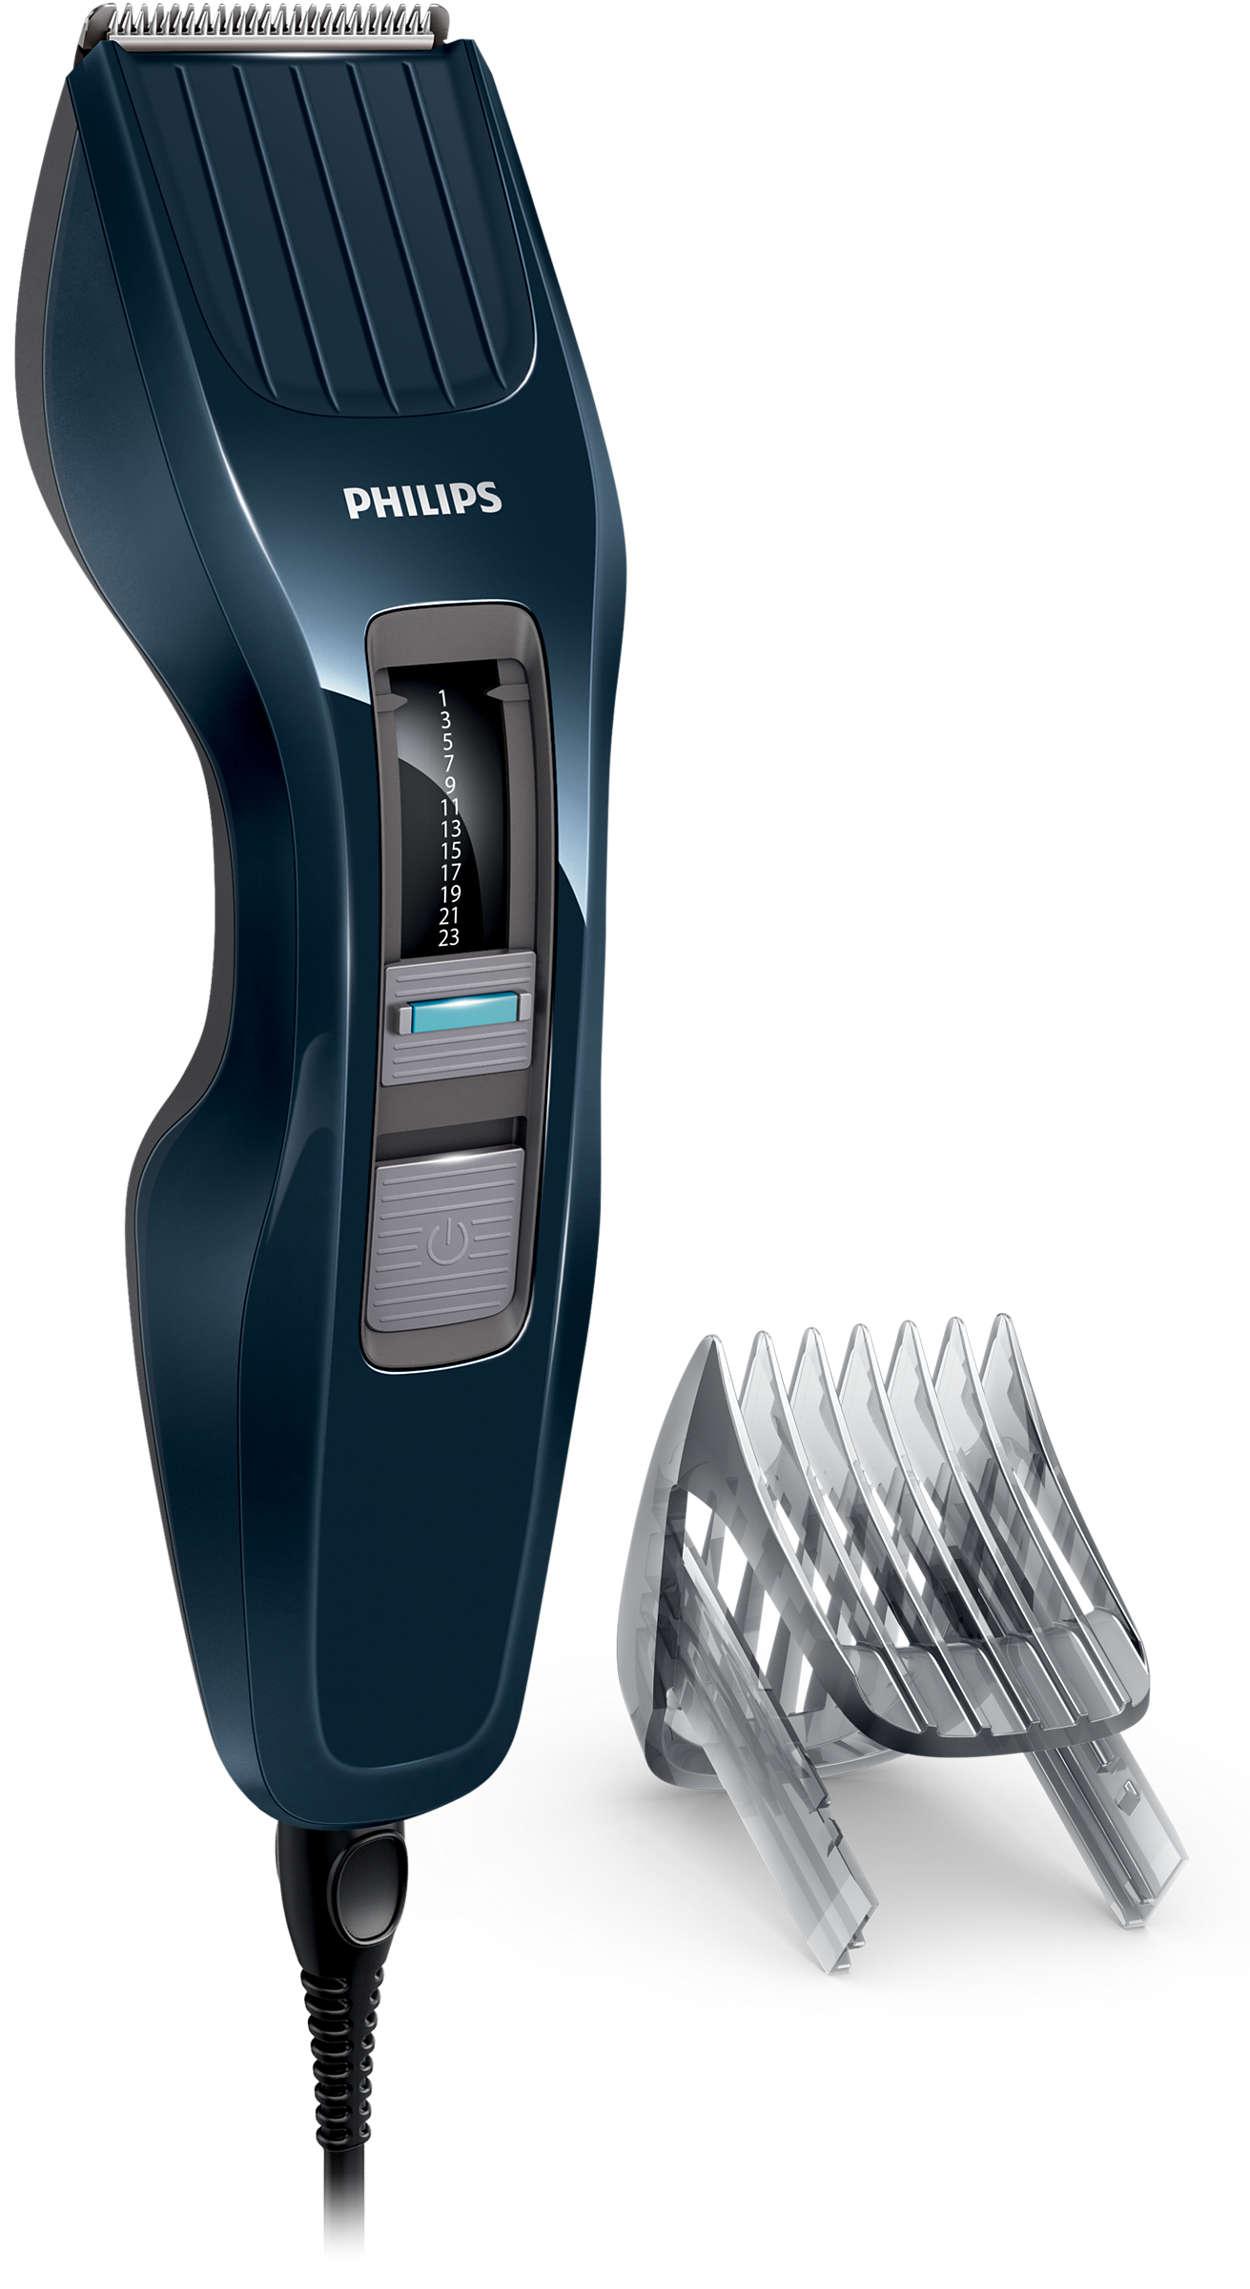 HAIRCLIPPER Series 3000 – leikkaa kaksi kertaa nopeammin*